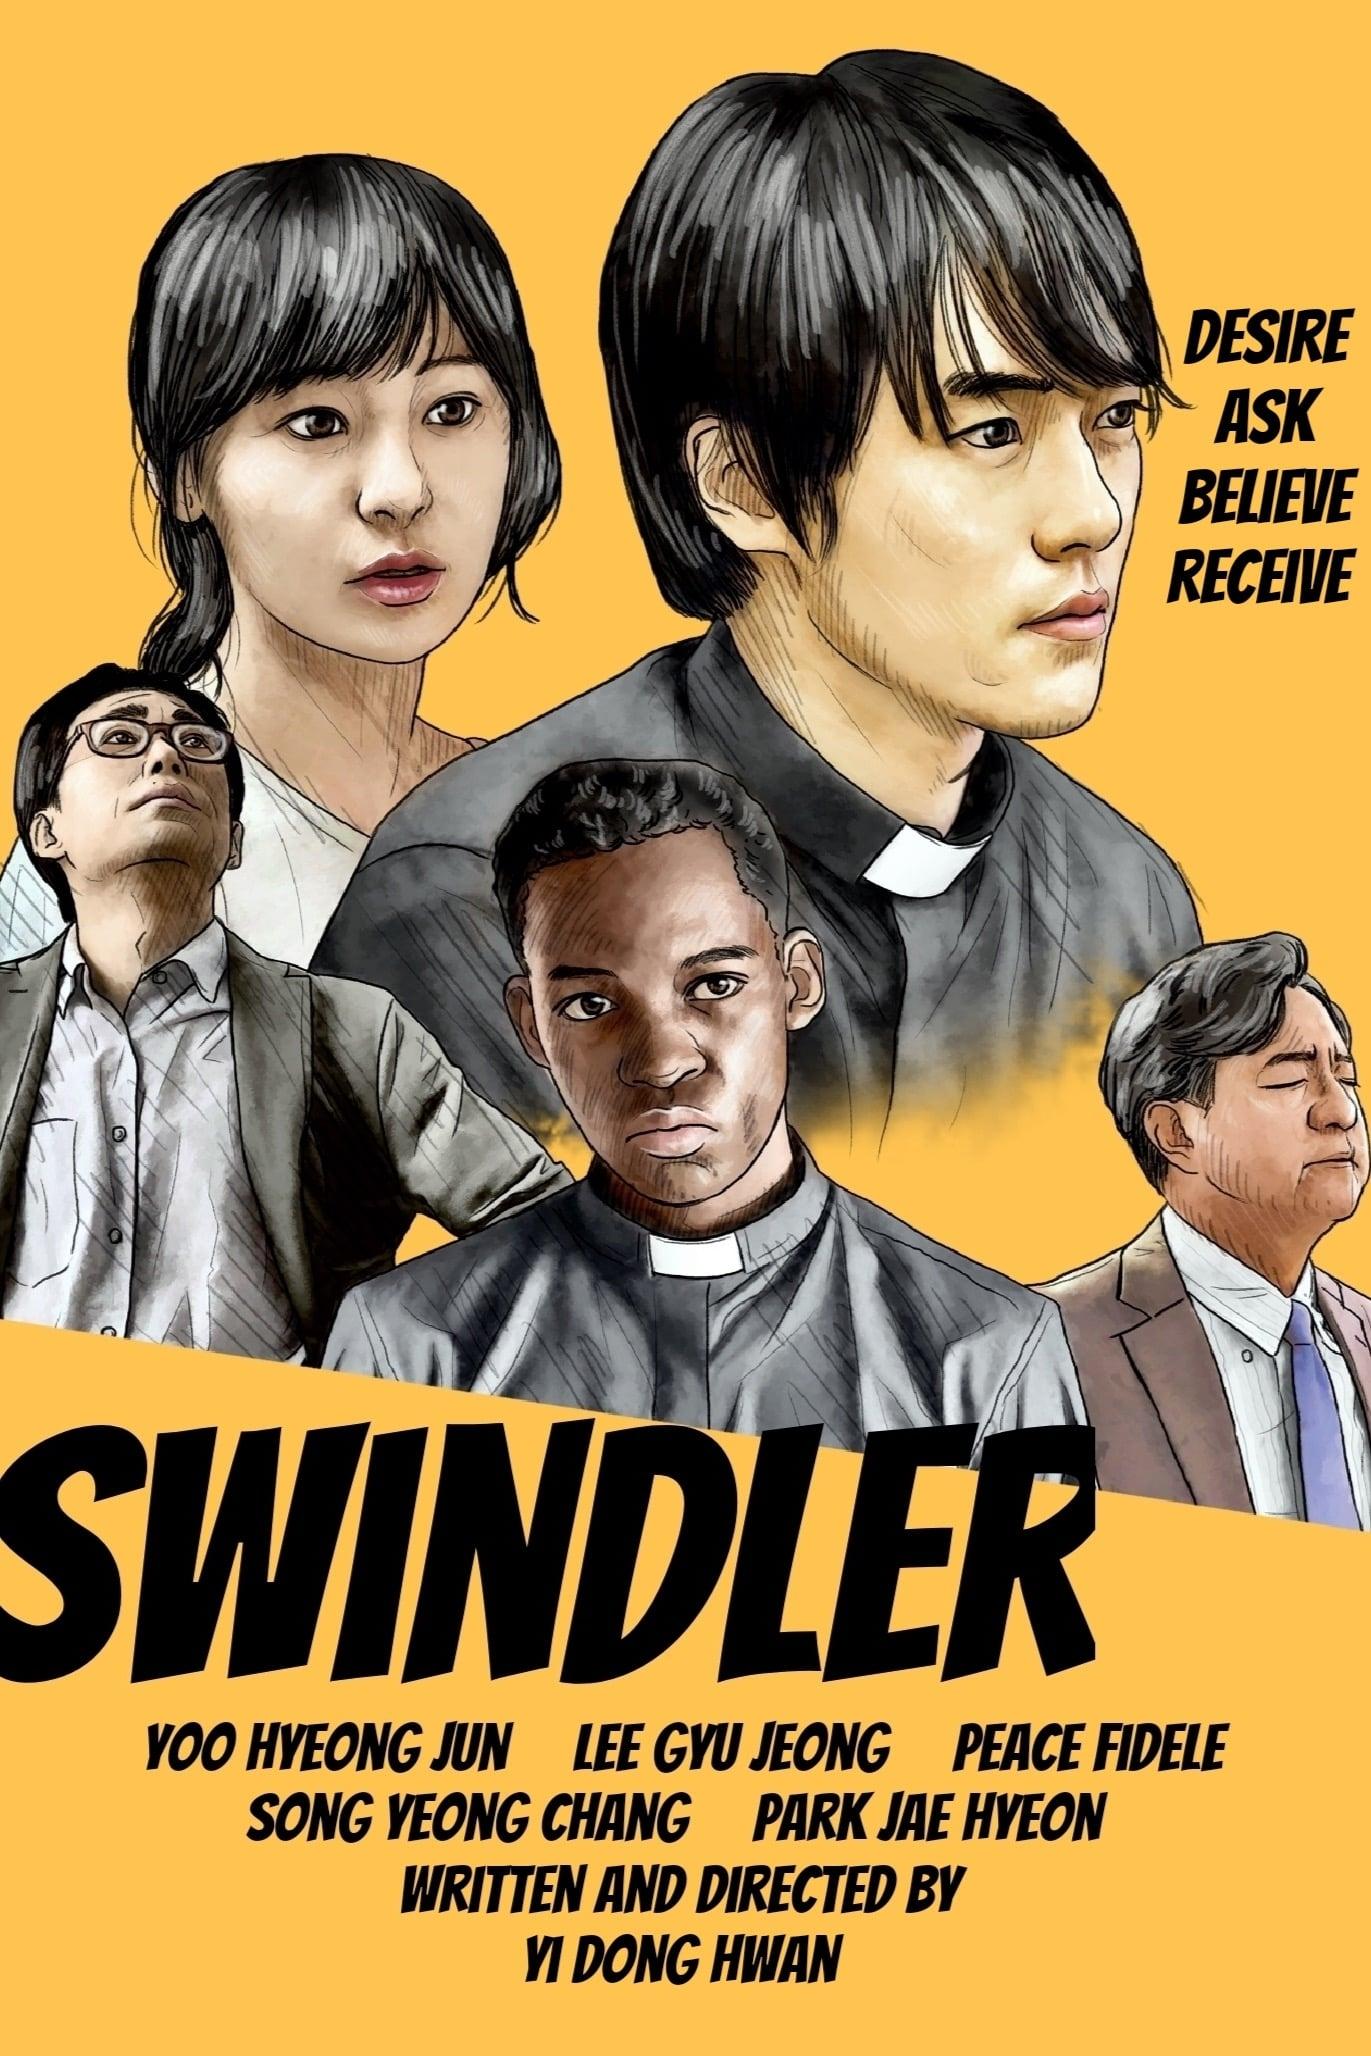 Swindler